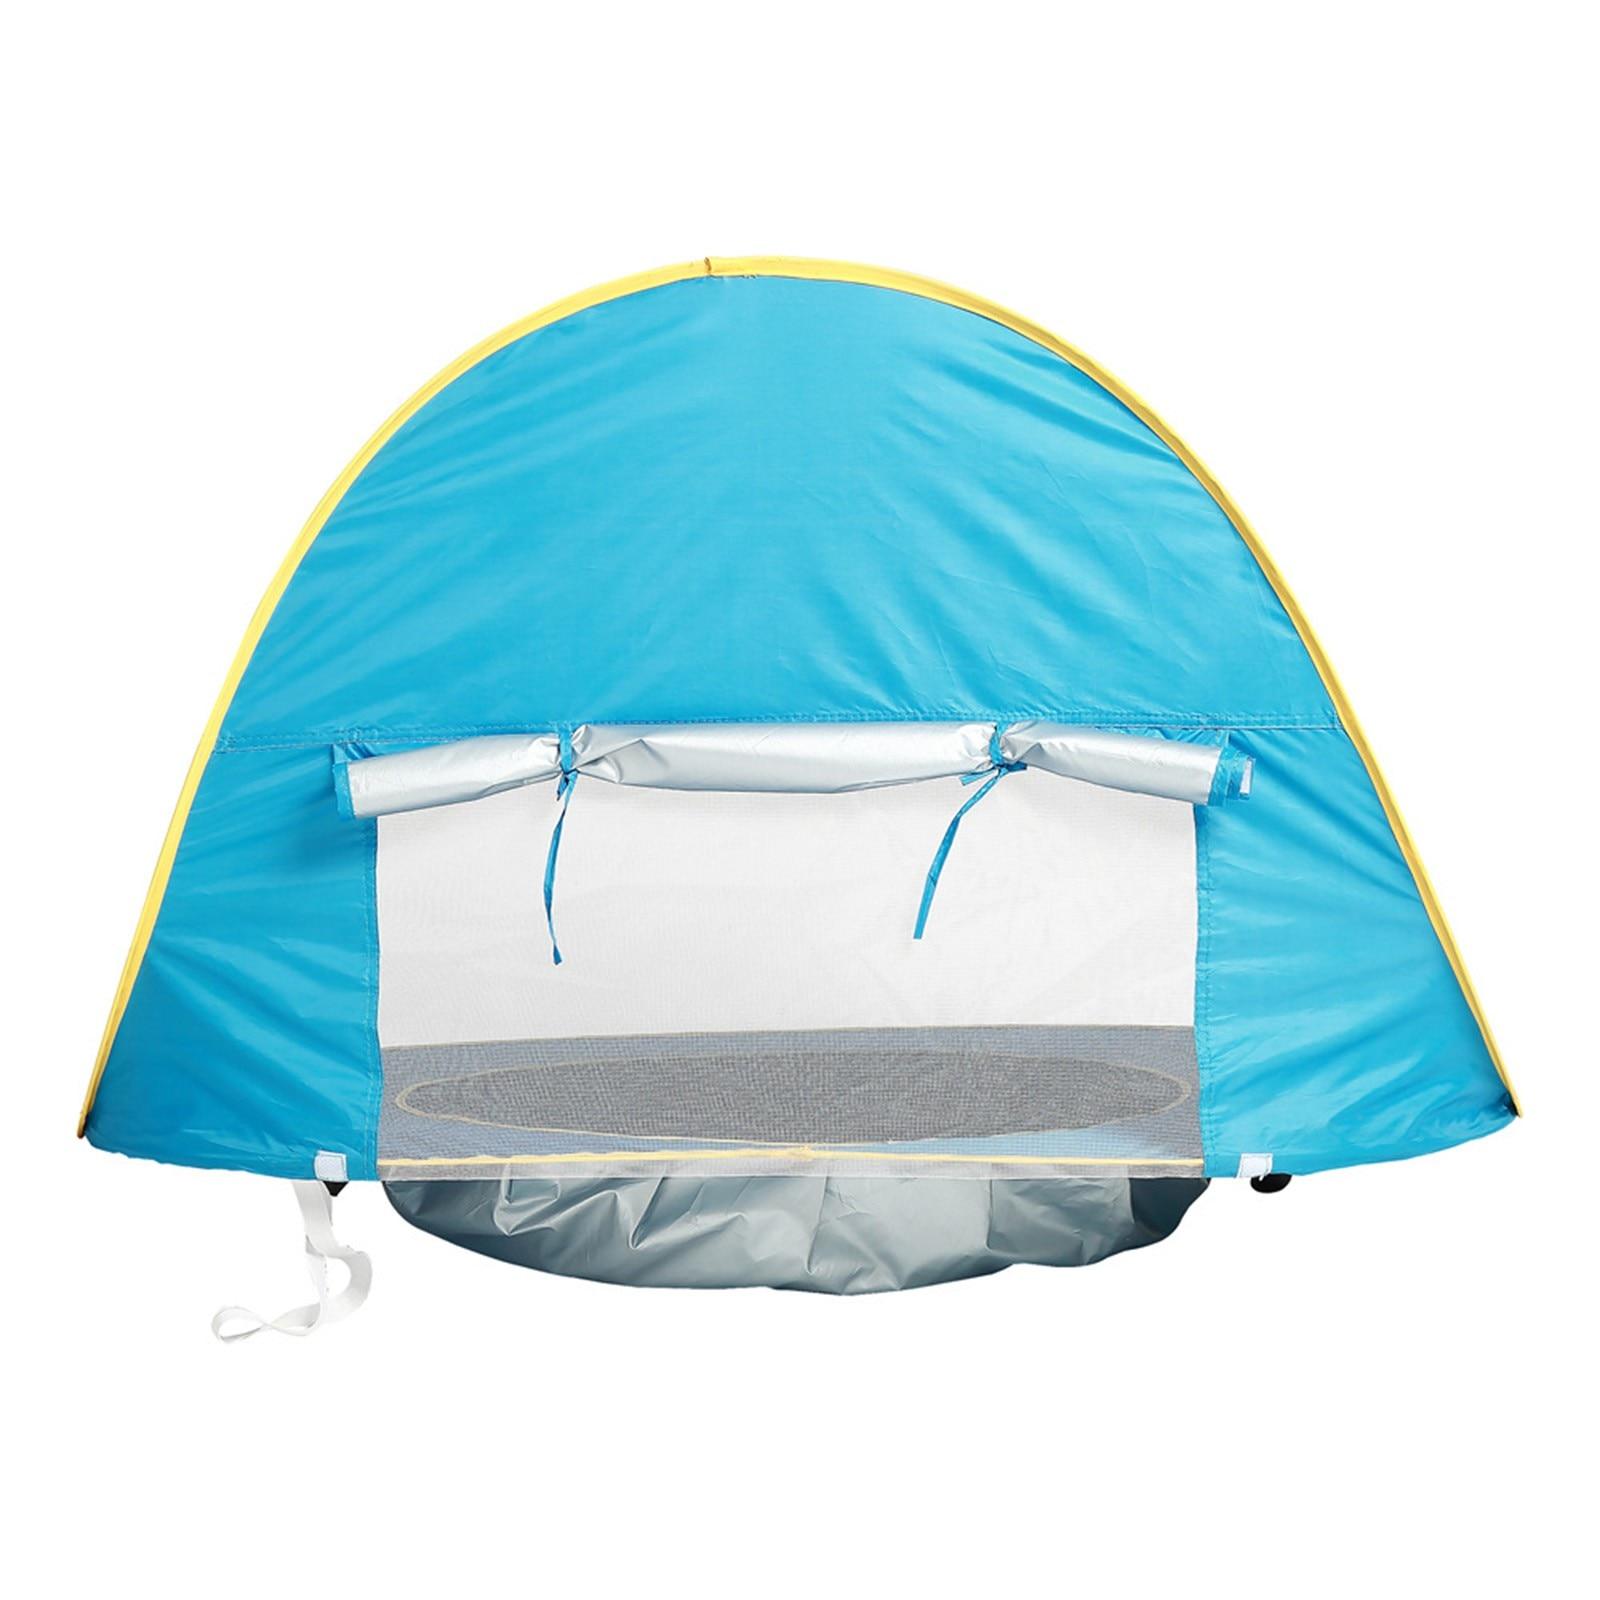 אוהל עם צילון ובריכה לתינוק  4